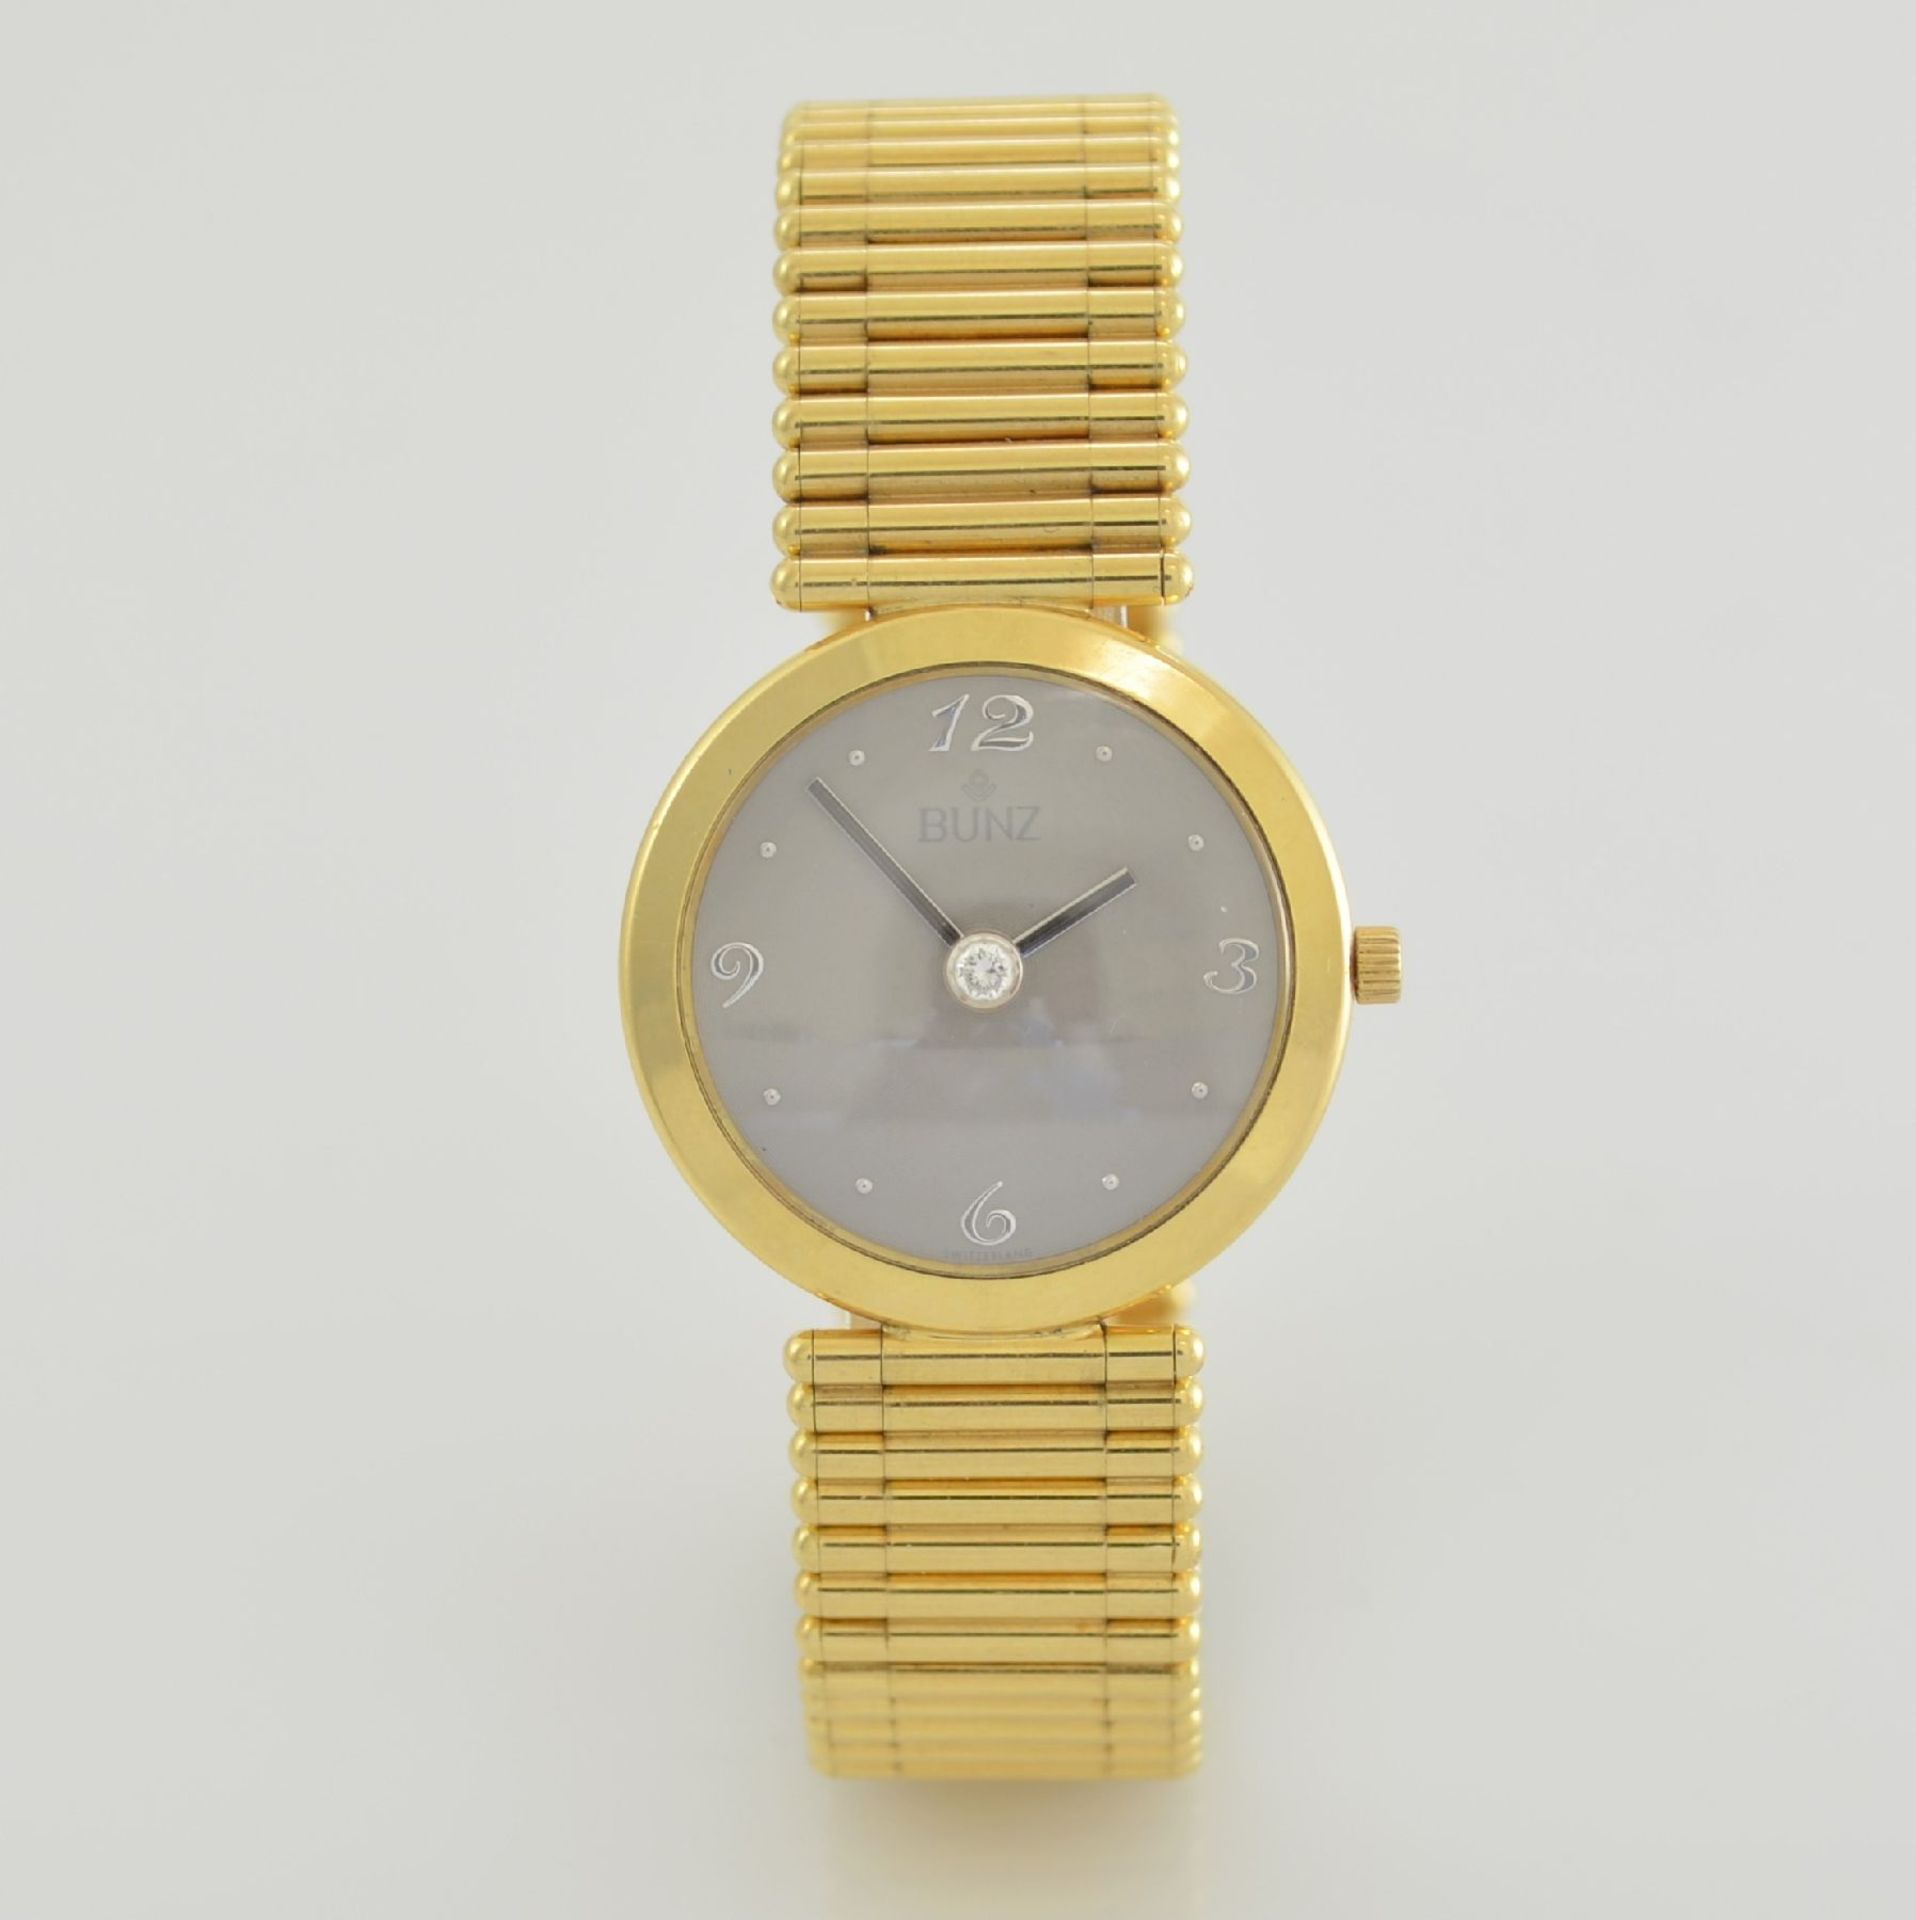 """BUNZ Damenarmbanduhr """"Diamondwatch"""" in GG 750/000, 5-fach verschr. Geh. mit integr. GG 750/000 - Bild 4 aus 9"""